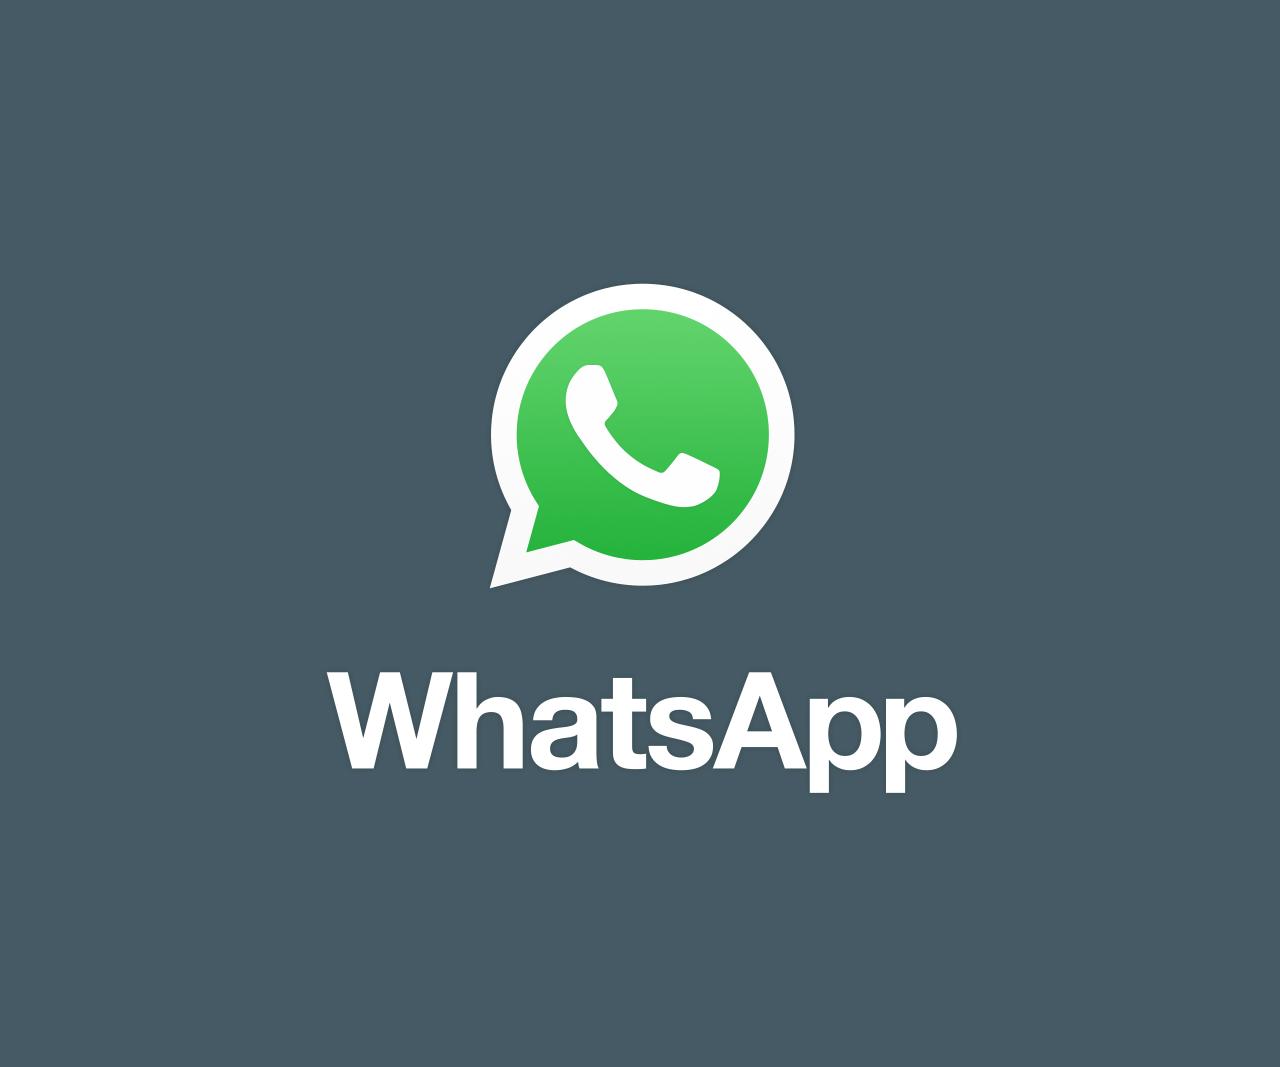 WhatsApp reaches 1 billion users